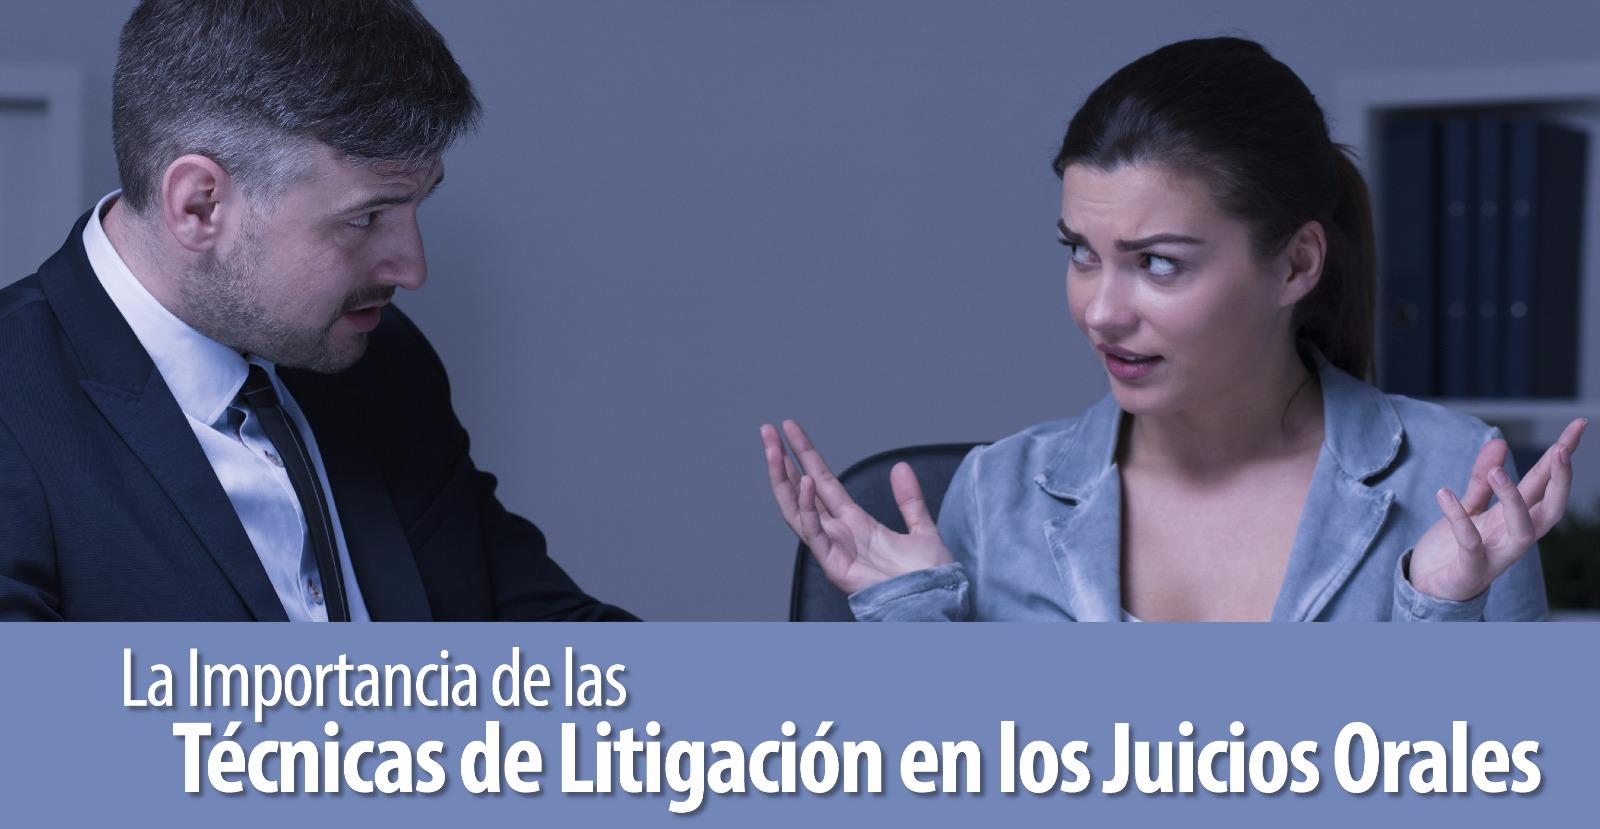 Técnicas de Litigación en los Juicios Orales